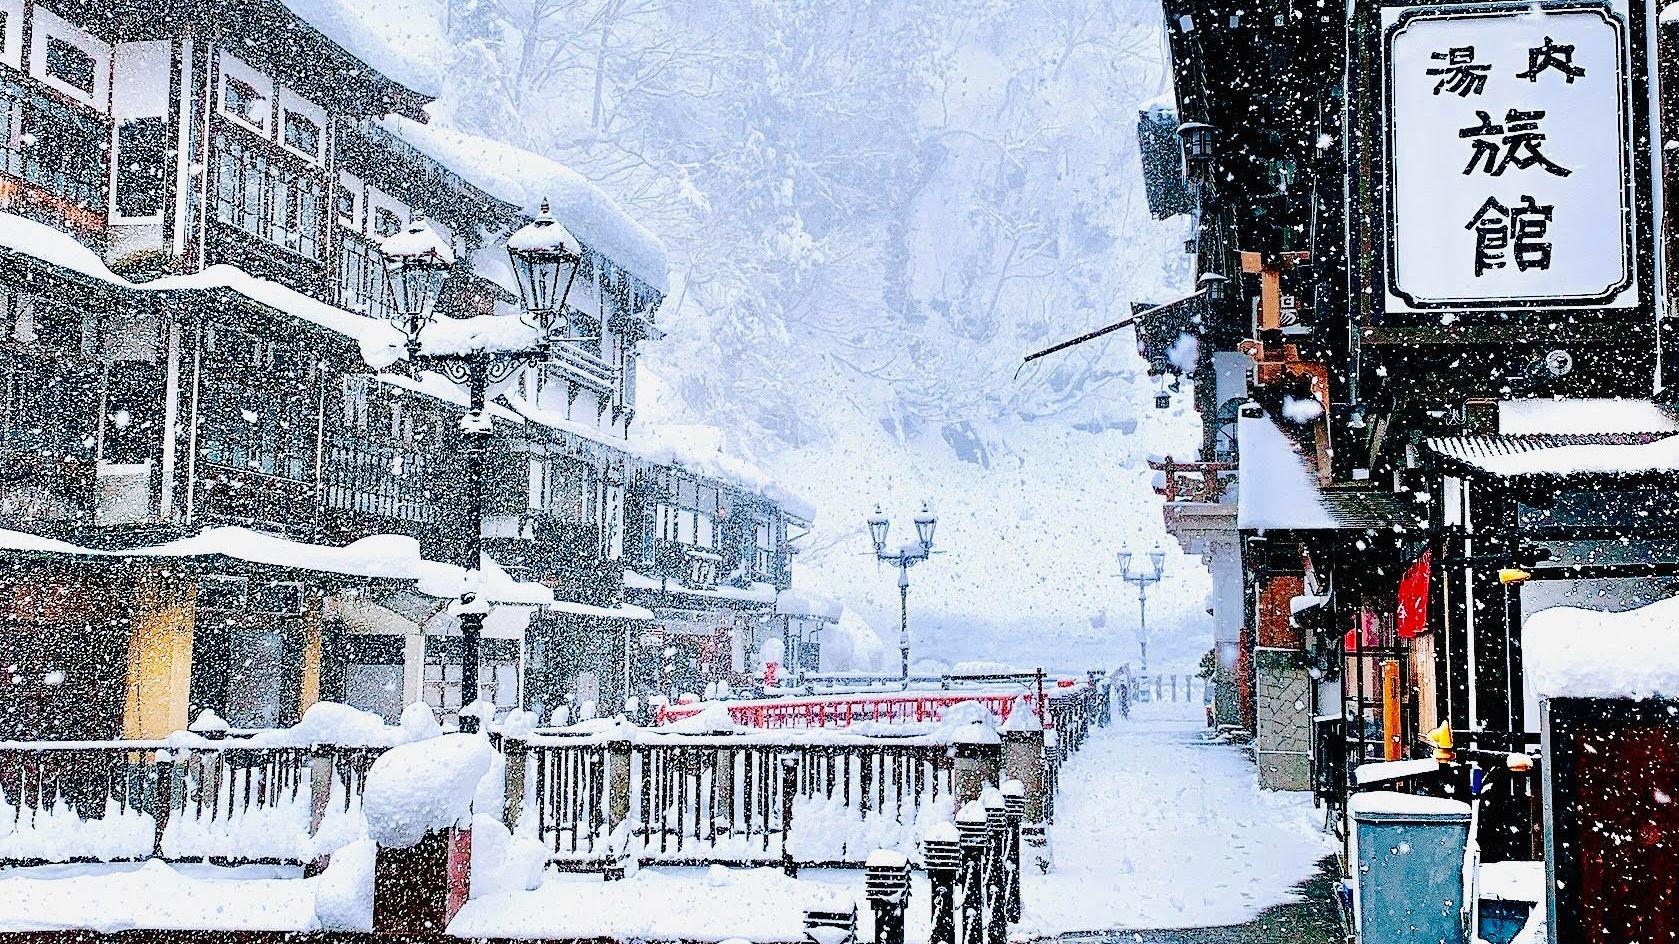 大正ロマンの街!冬の銀山温泉をゆったりと楽しむ大人の1泊2日観光プラン